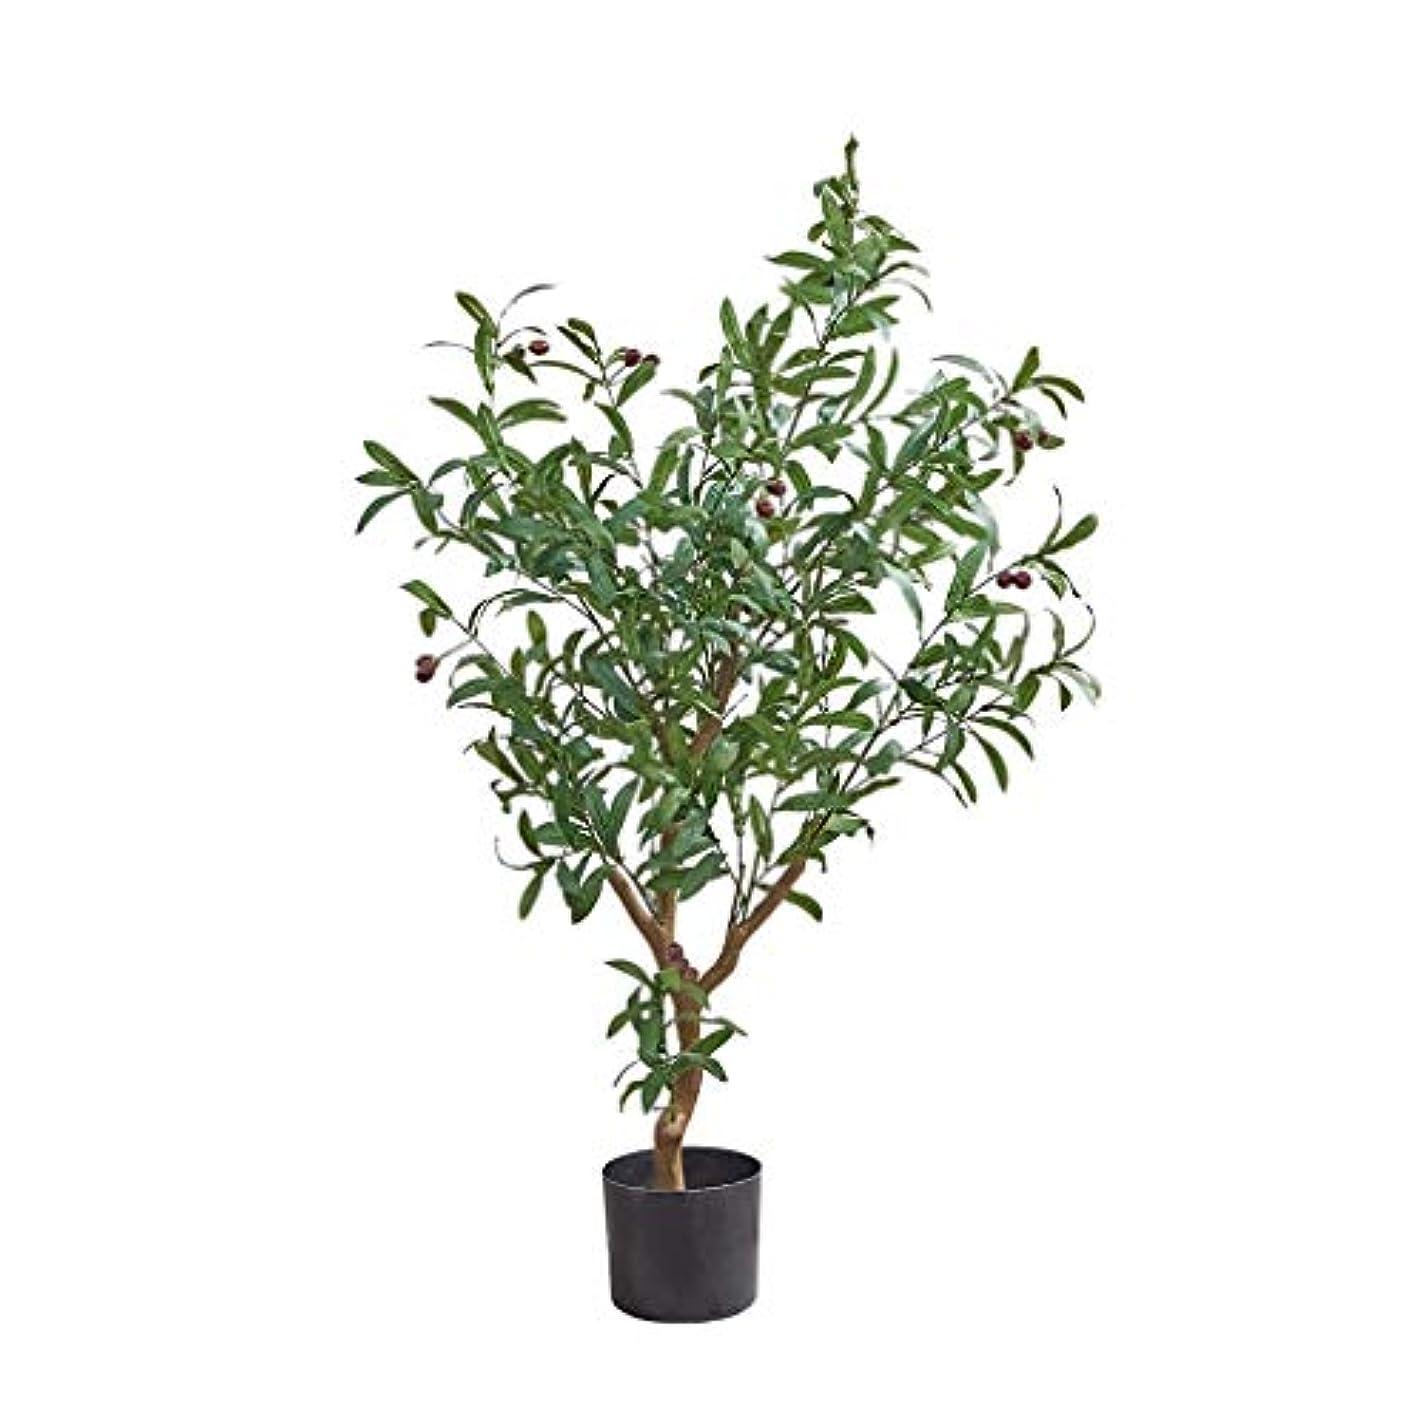 ぐったり洗練された銃家族人工木 人工ツリーオリーブの木シミュレーション緑の植物リビングルームインテリアリビングルームのフロア大型プラントの装飾シミュレーションツリー 人工観葉植物 (Color : 120cm)